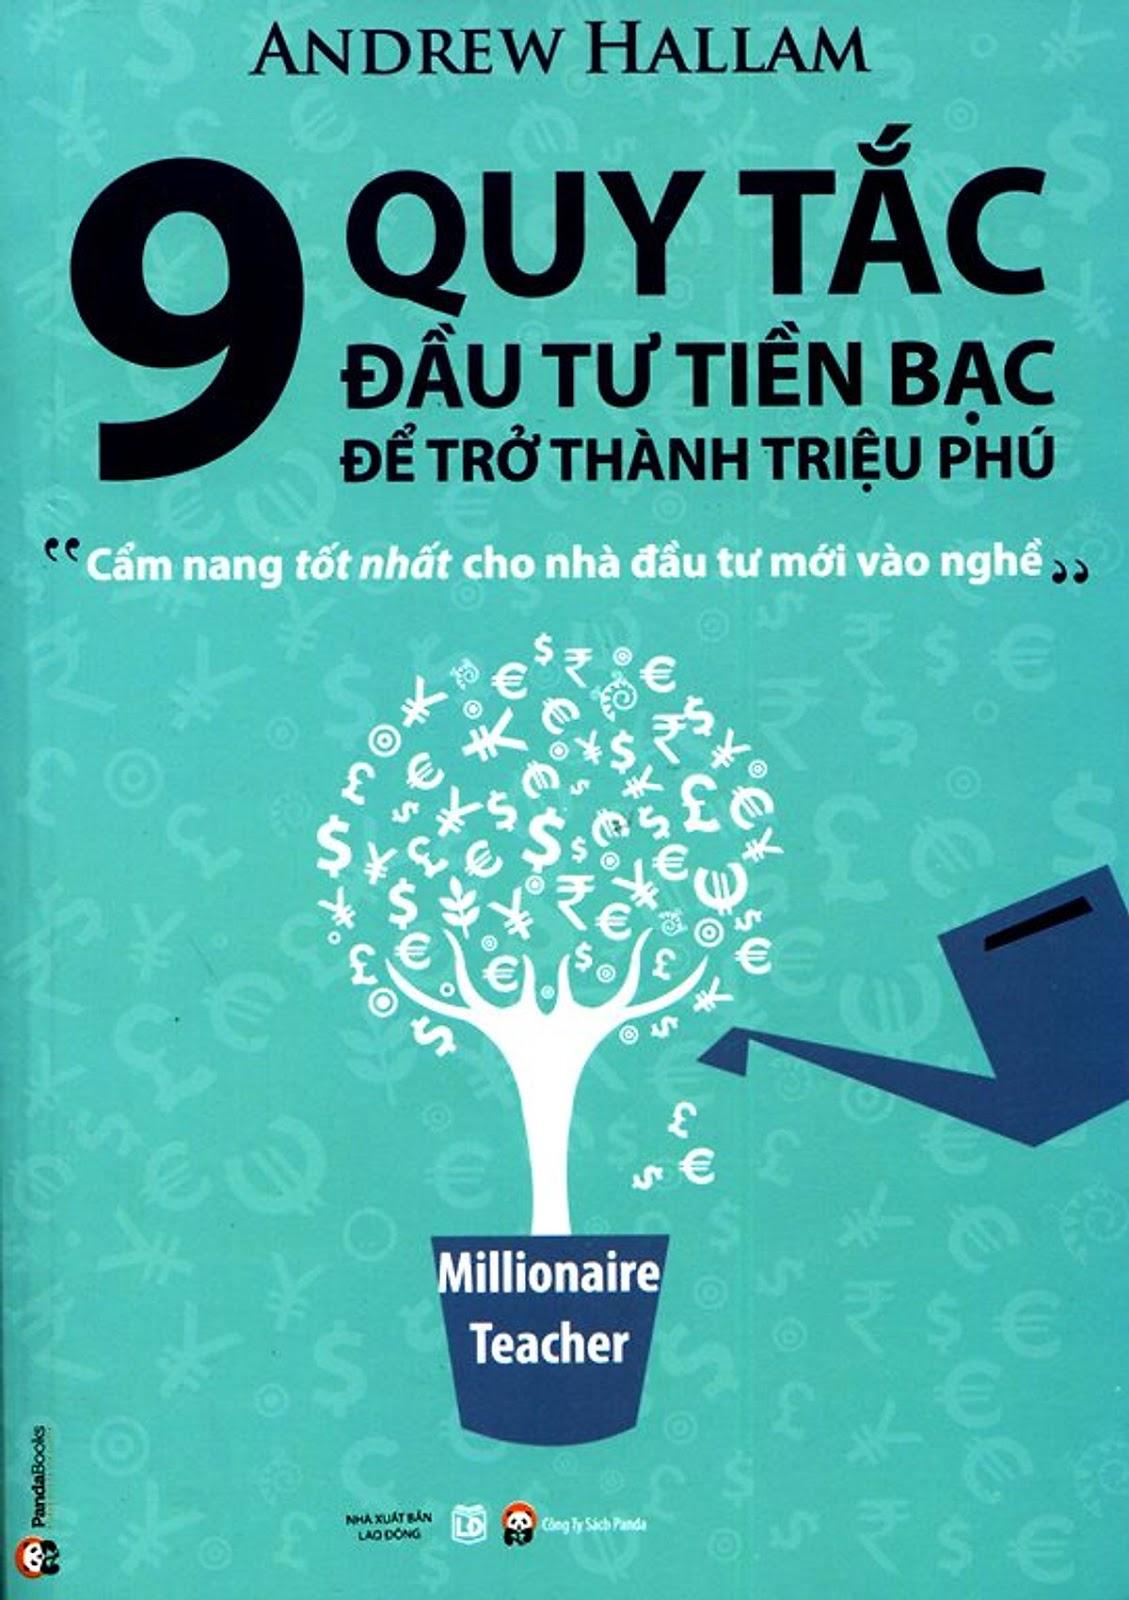 9 Quy Tắc Đầu Tư Tiền Bạc Để Trở Thành Triệu Phú PDF